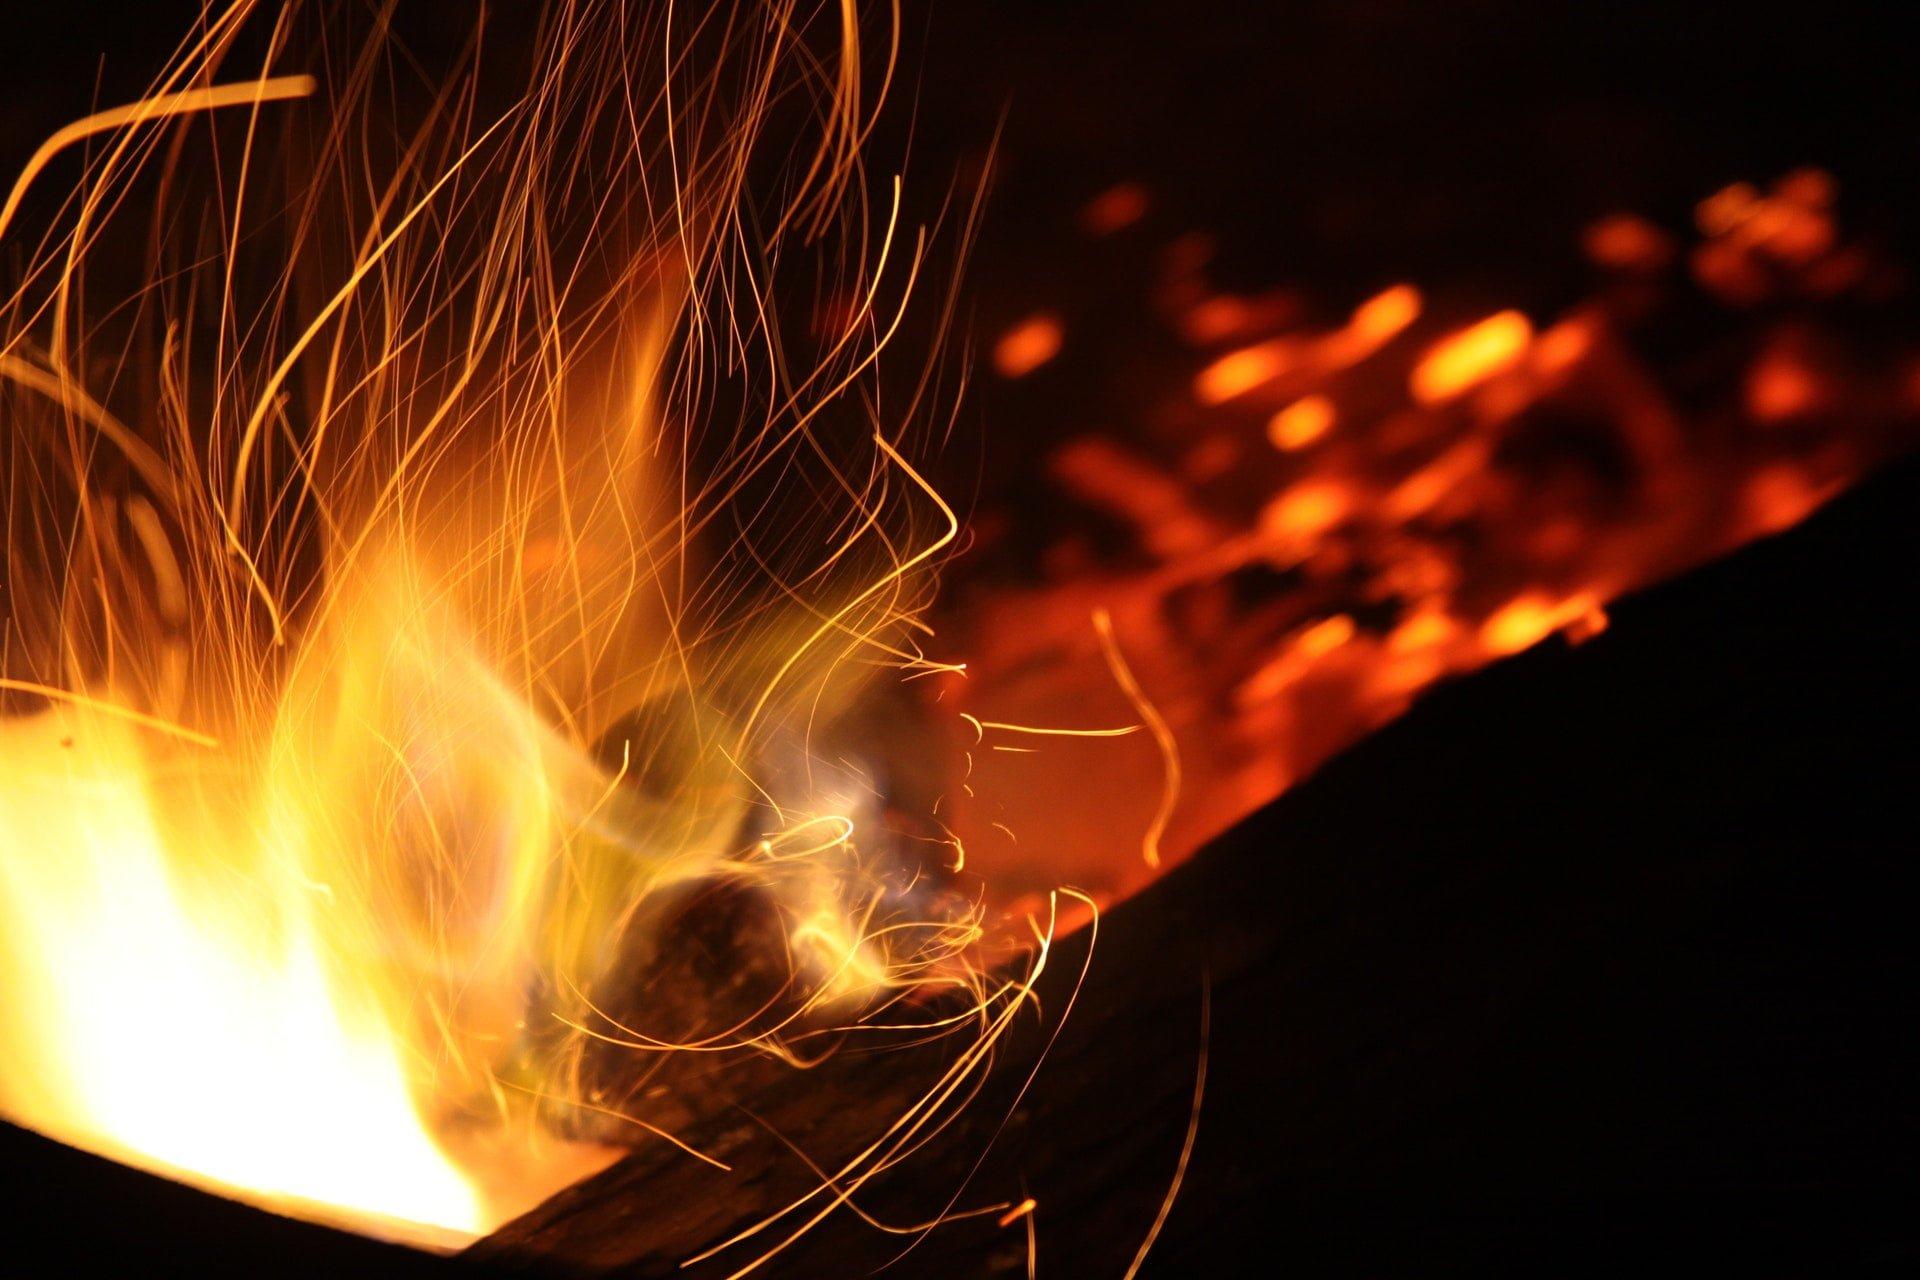 能源問題/地熱發電的優點和缺點比較分析